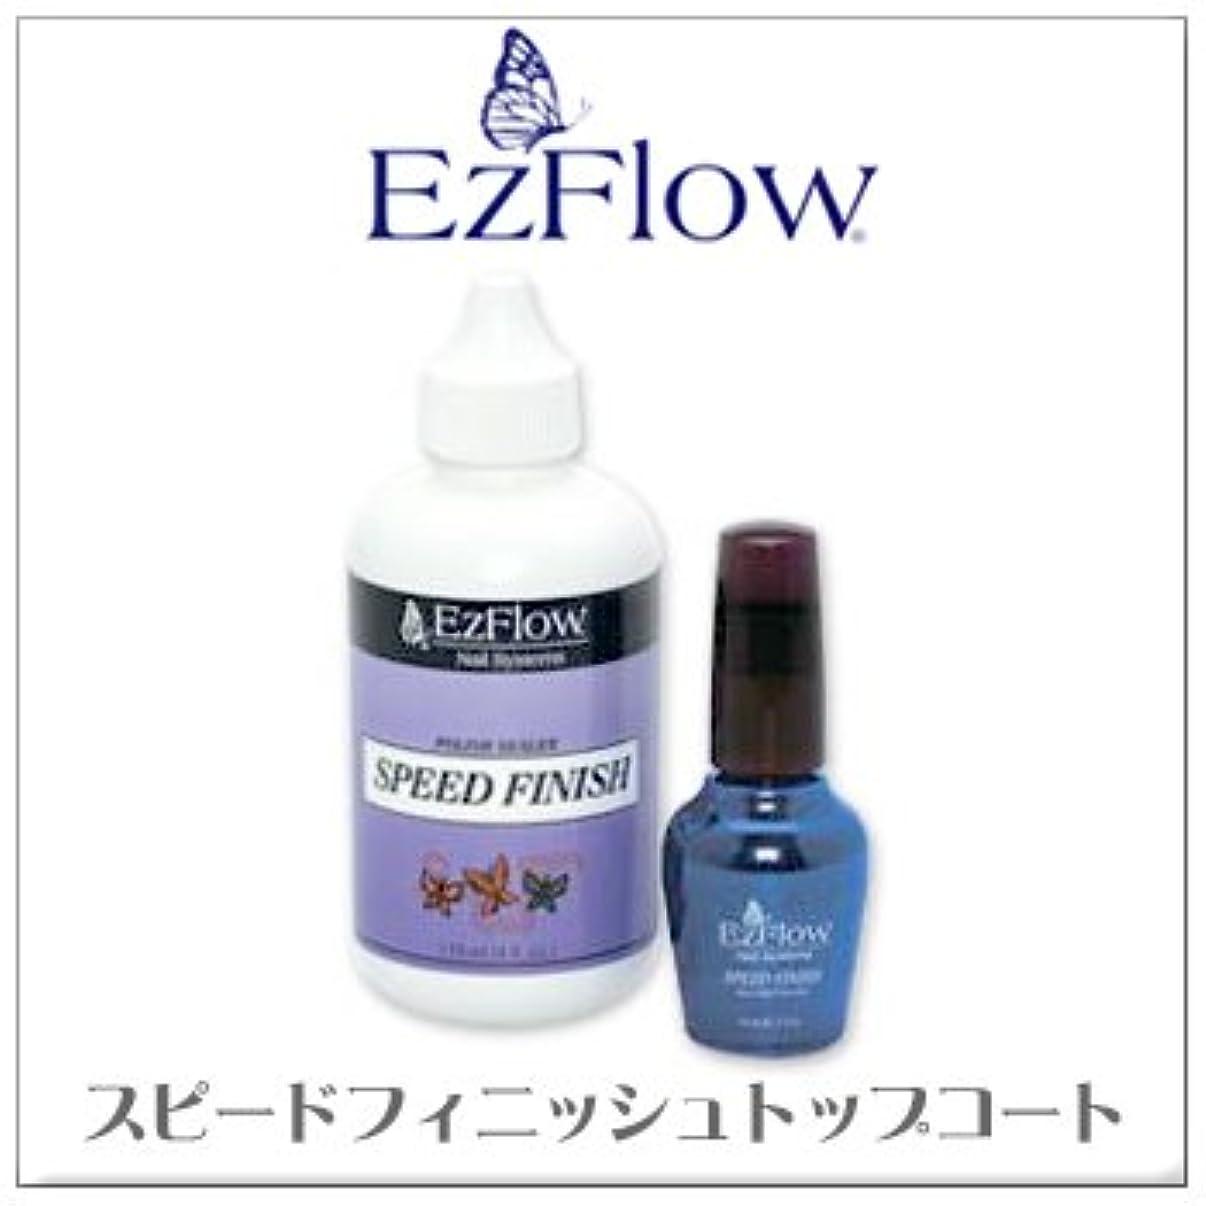 することになっている検証アレンジEz-Flow (イージーフロー) スピードフィニッシュトップコート (1/2oz)